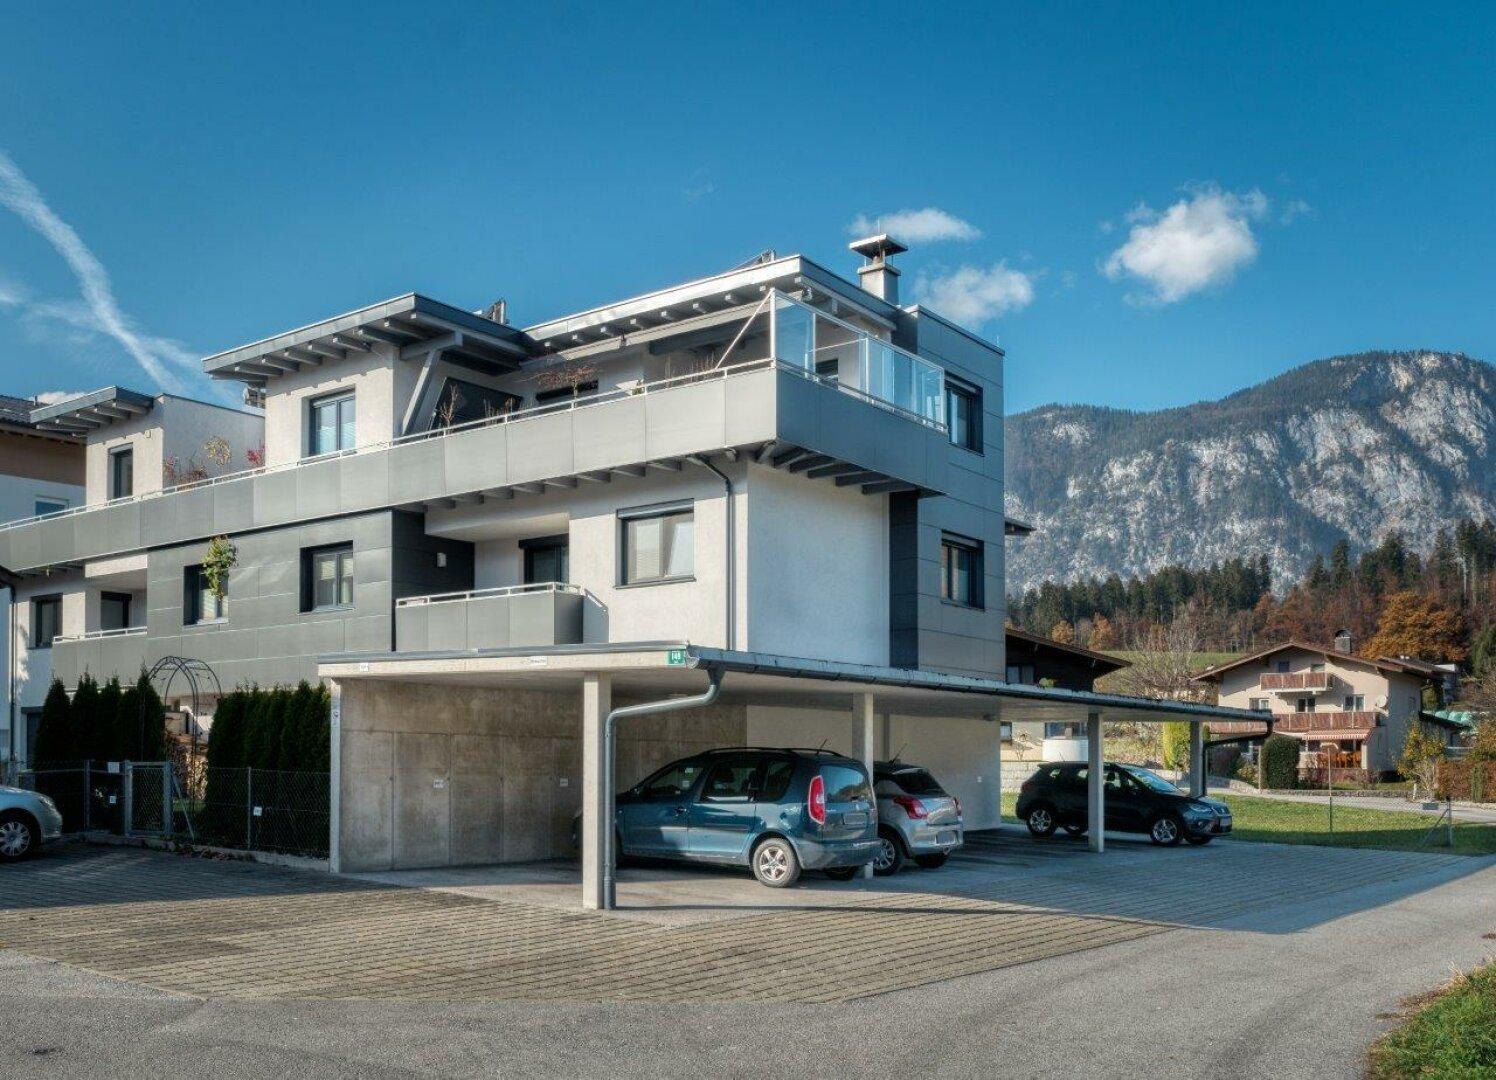 Ansicht und Carport, 4-Zimmer Maisonette Wohnung, Schwoich